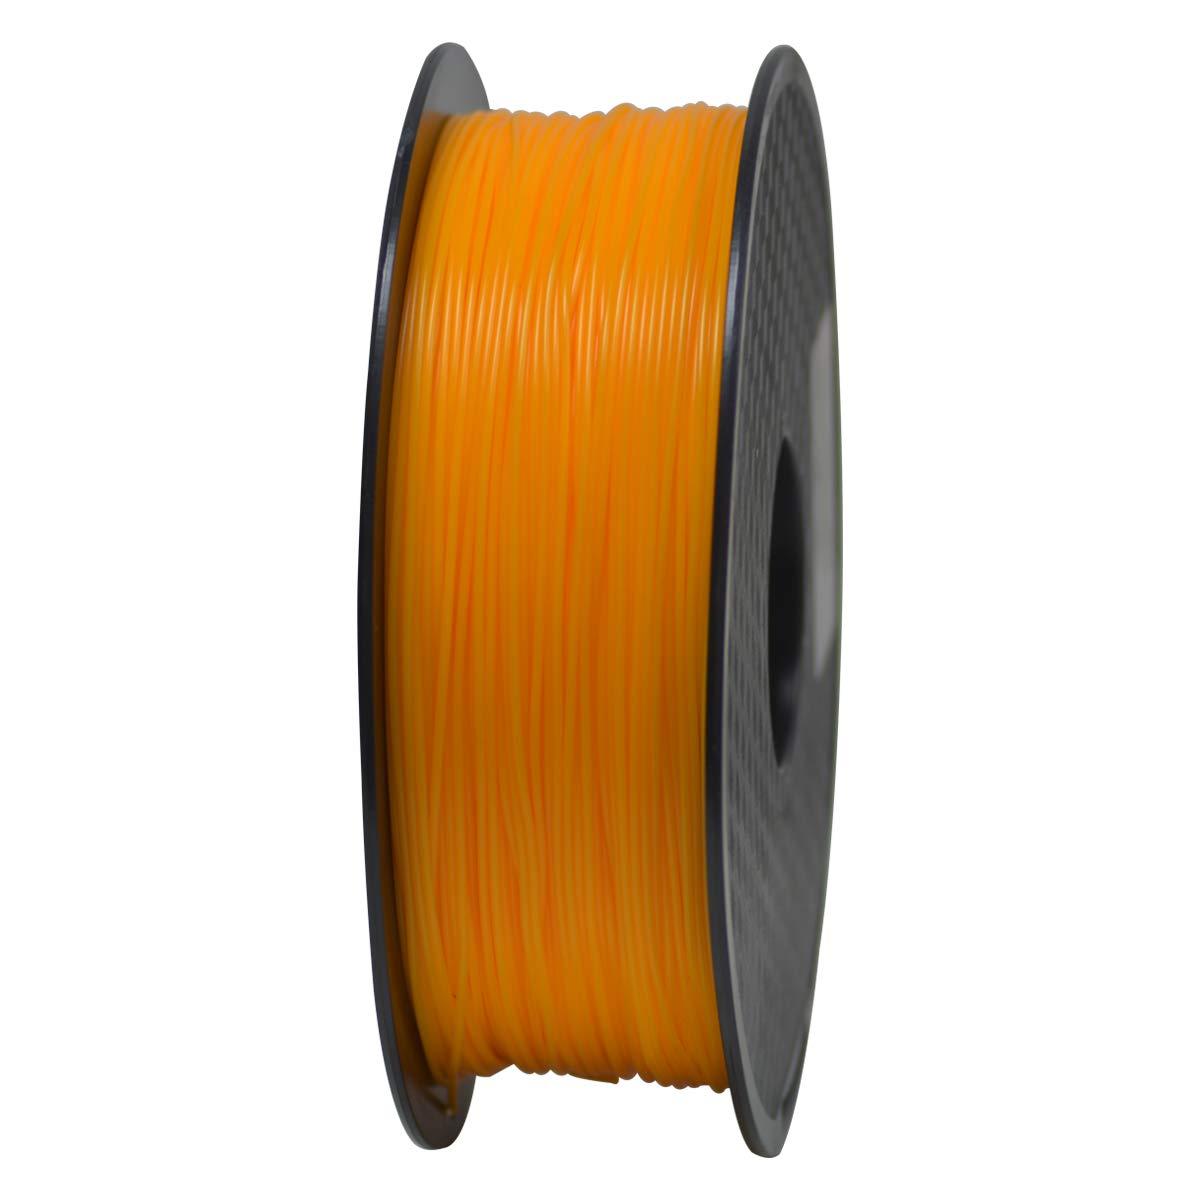 Filamento PLA de 1,75 mm, filamento PLA para impresora 3D Geeetech ...